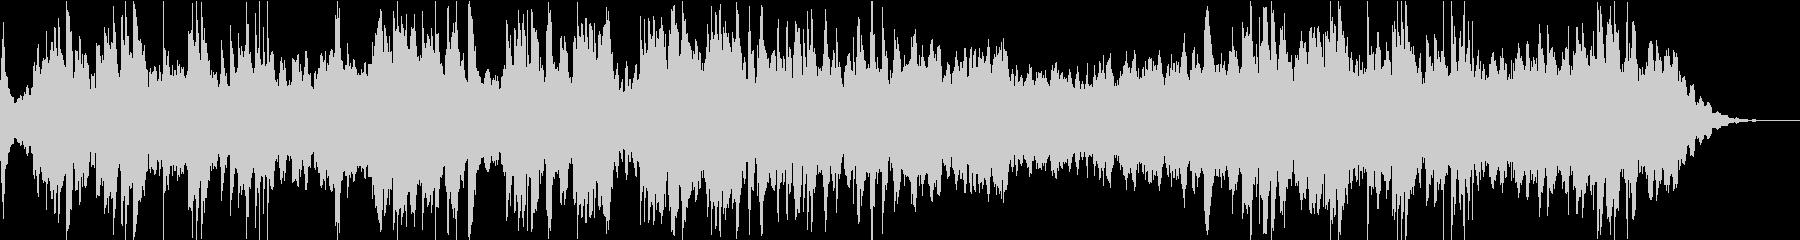 癒しのソルフェジオ周波数によるピアノ曲の未再生の波形